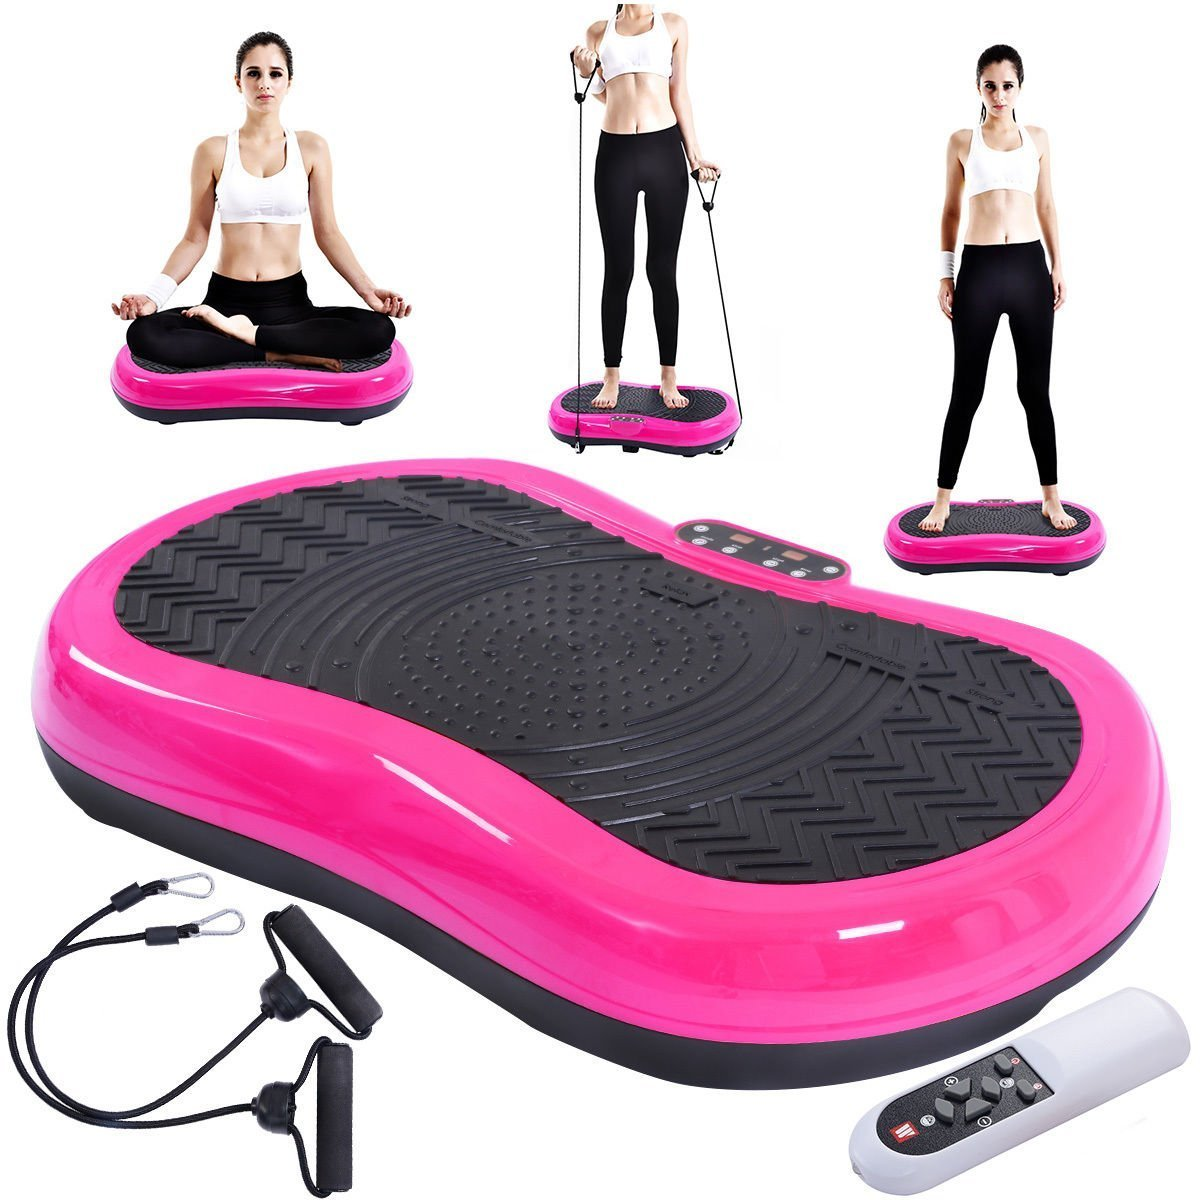 Tangkula Ultrathin Mini Crazy Fit Vibration Platform Massage Machine Fitness Gym (Pink) by Tangkula (Image #3)